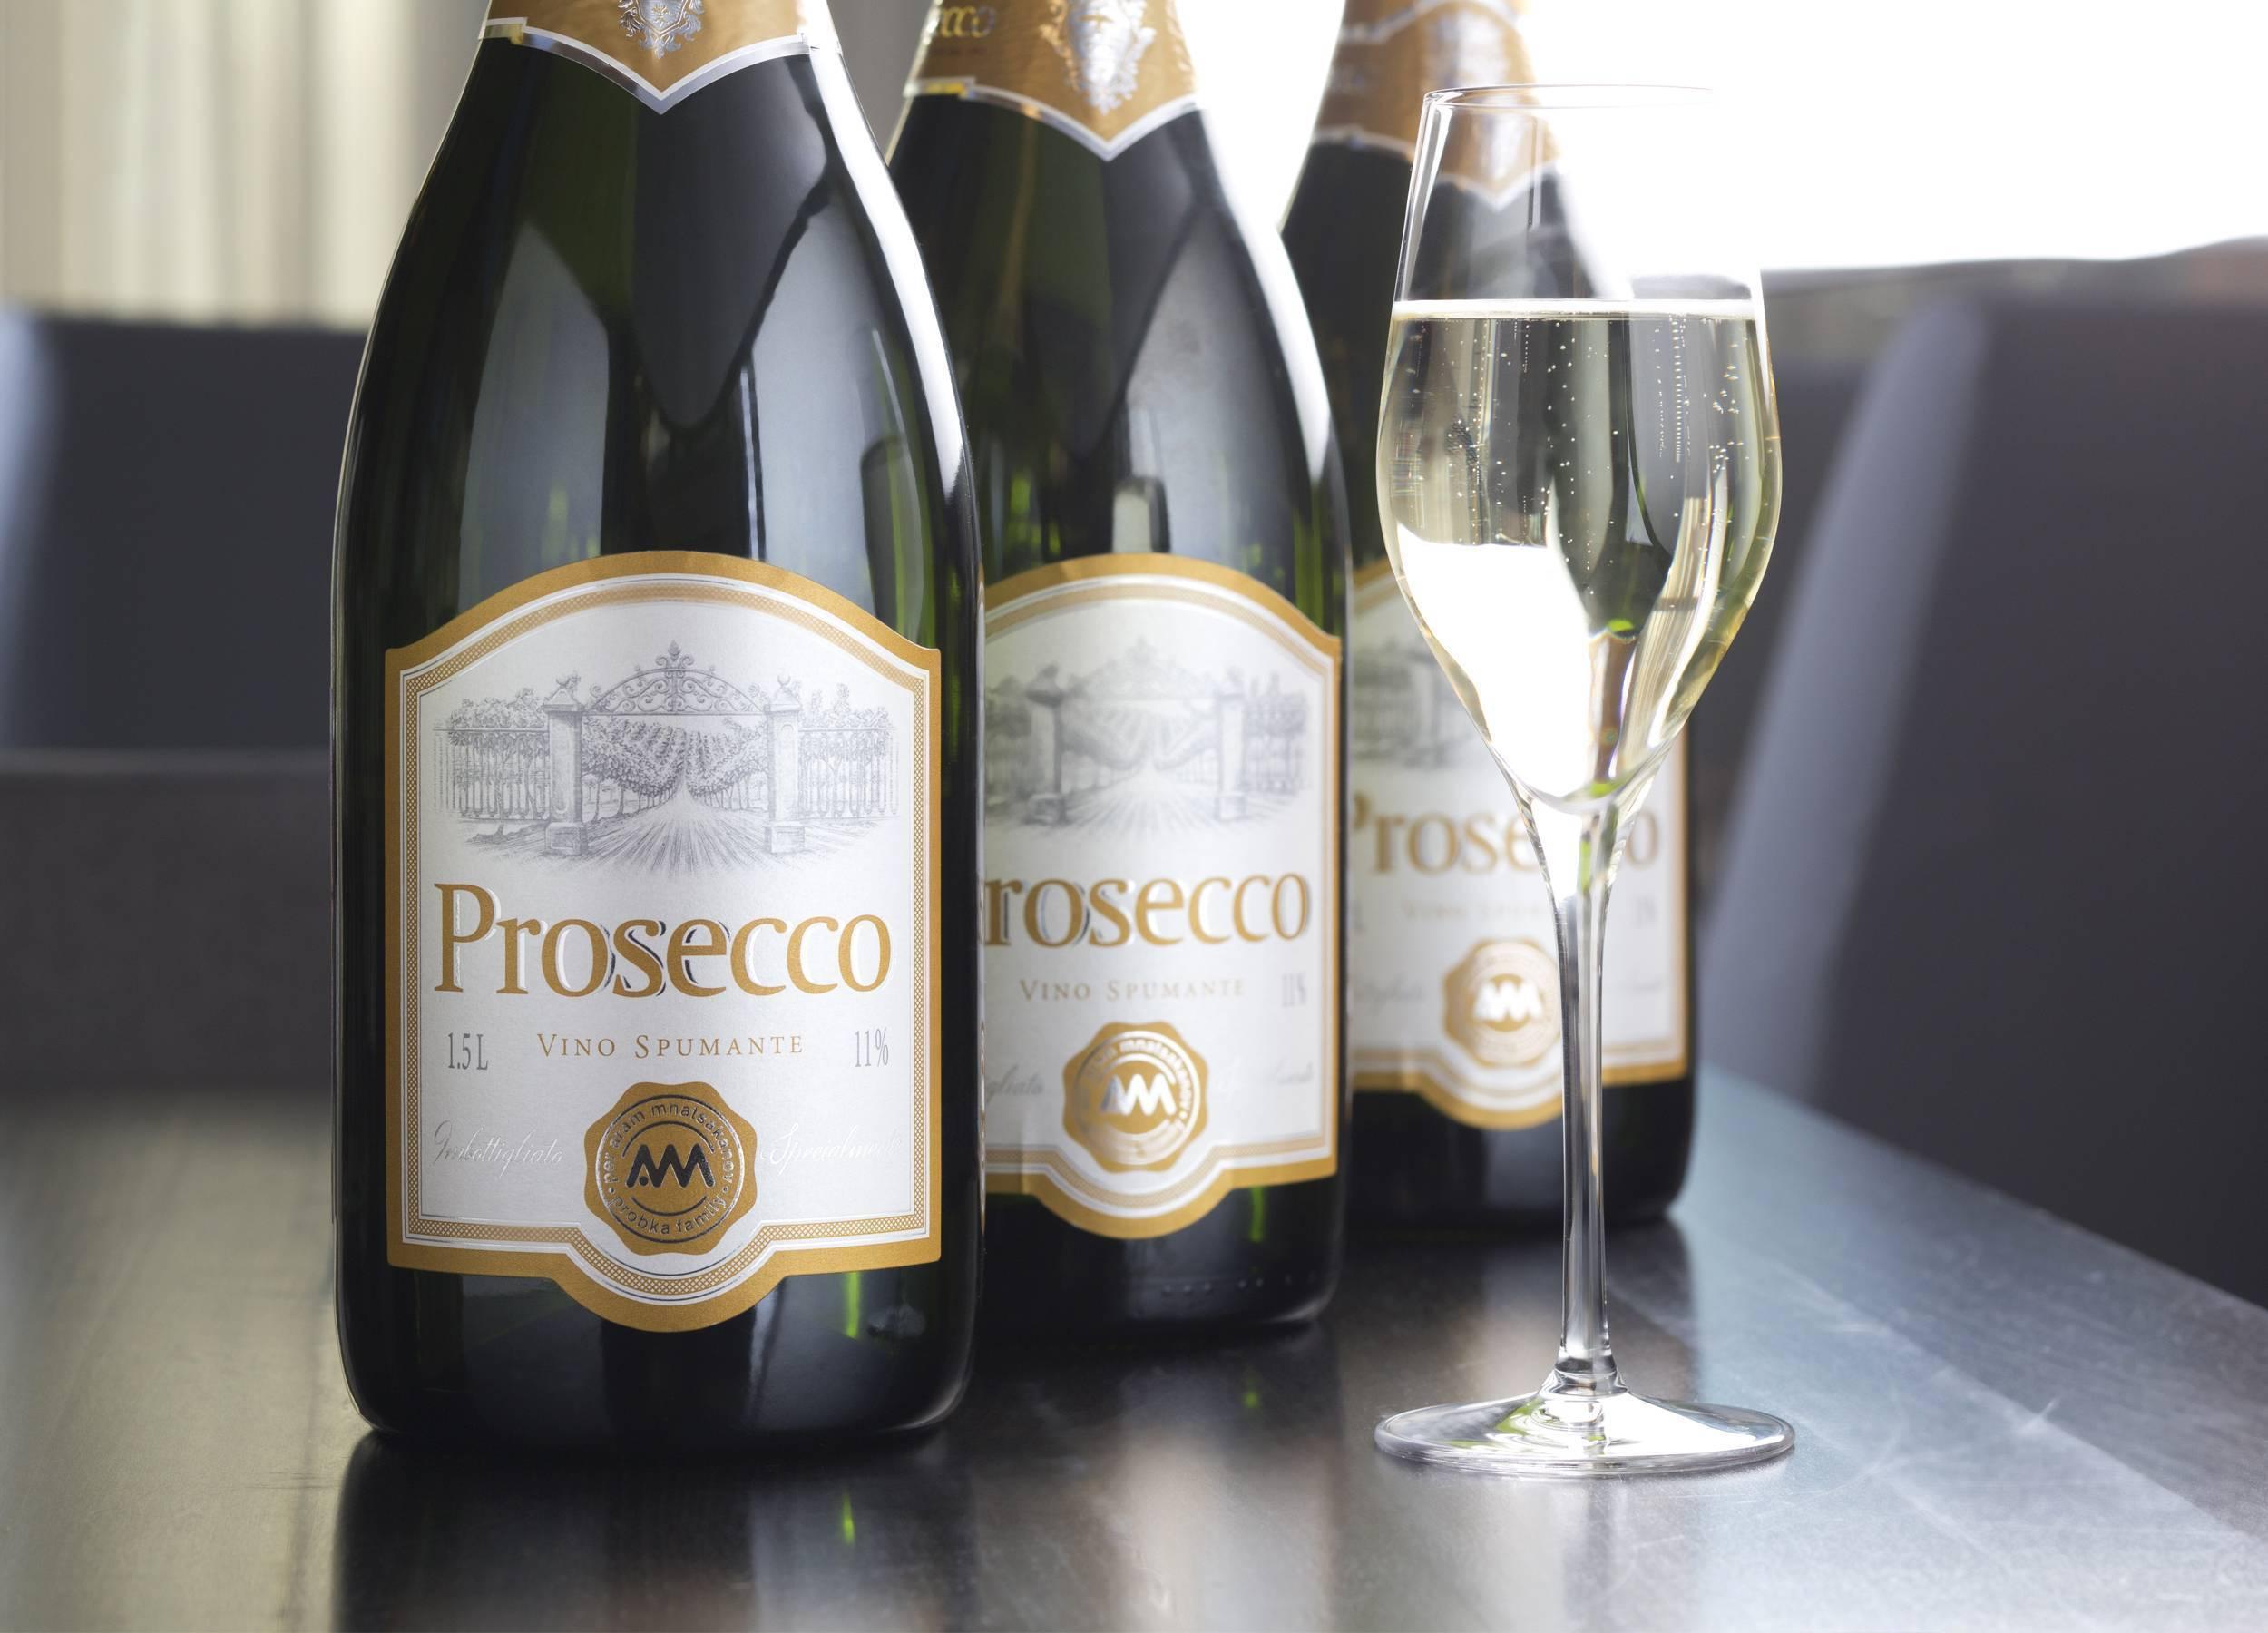 Просекко шампанское: что это такое, как выбрать мартини, игристое вино, как правильно подавать и употреблять